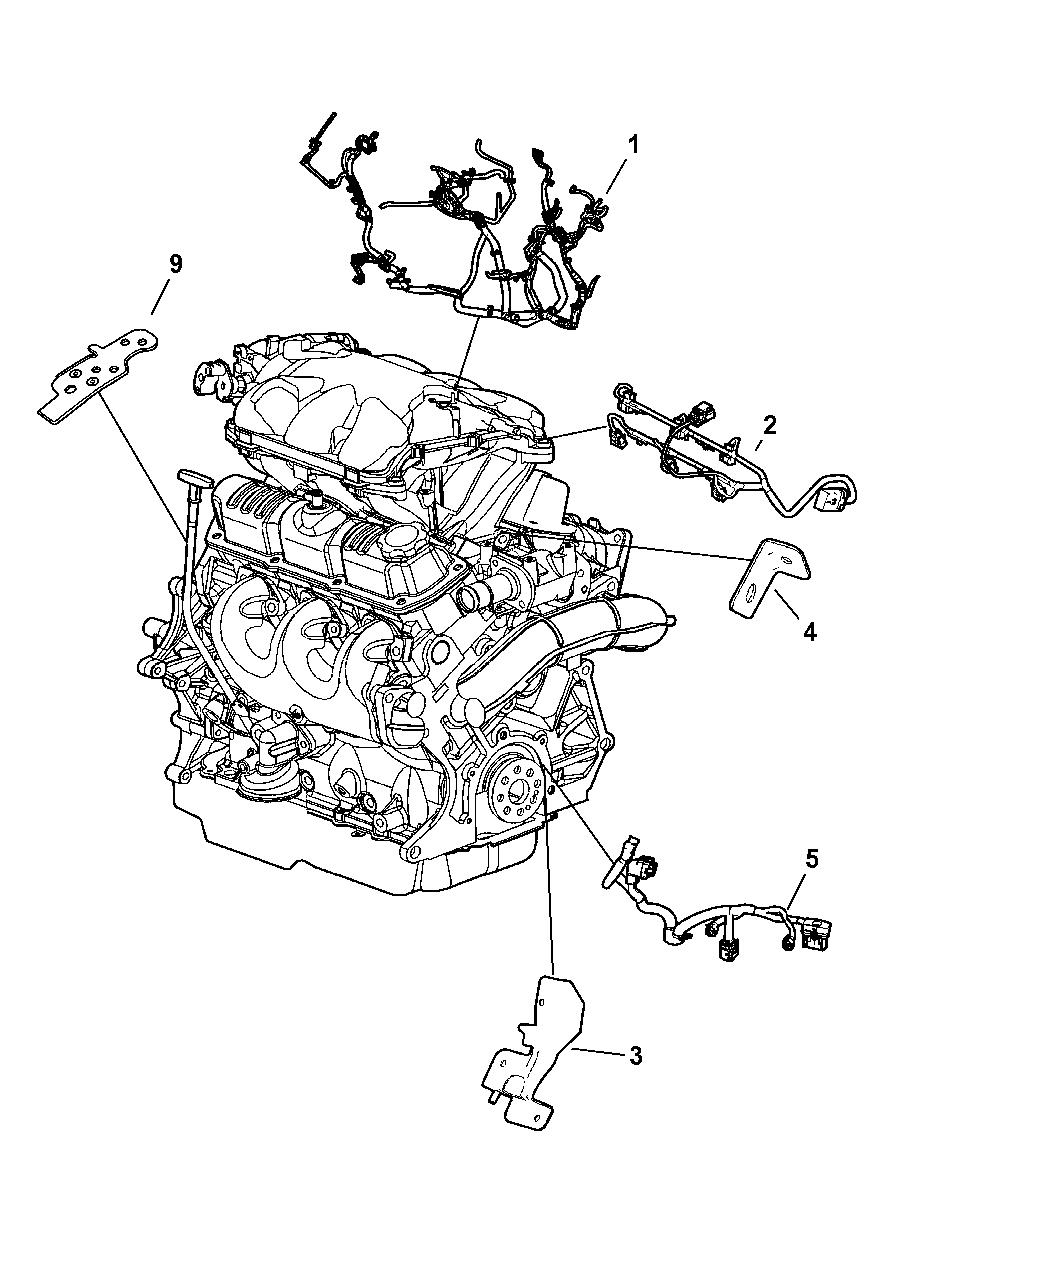 wiring diagram for 2006 dodge grand caravan